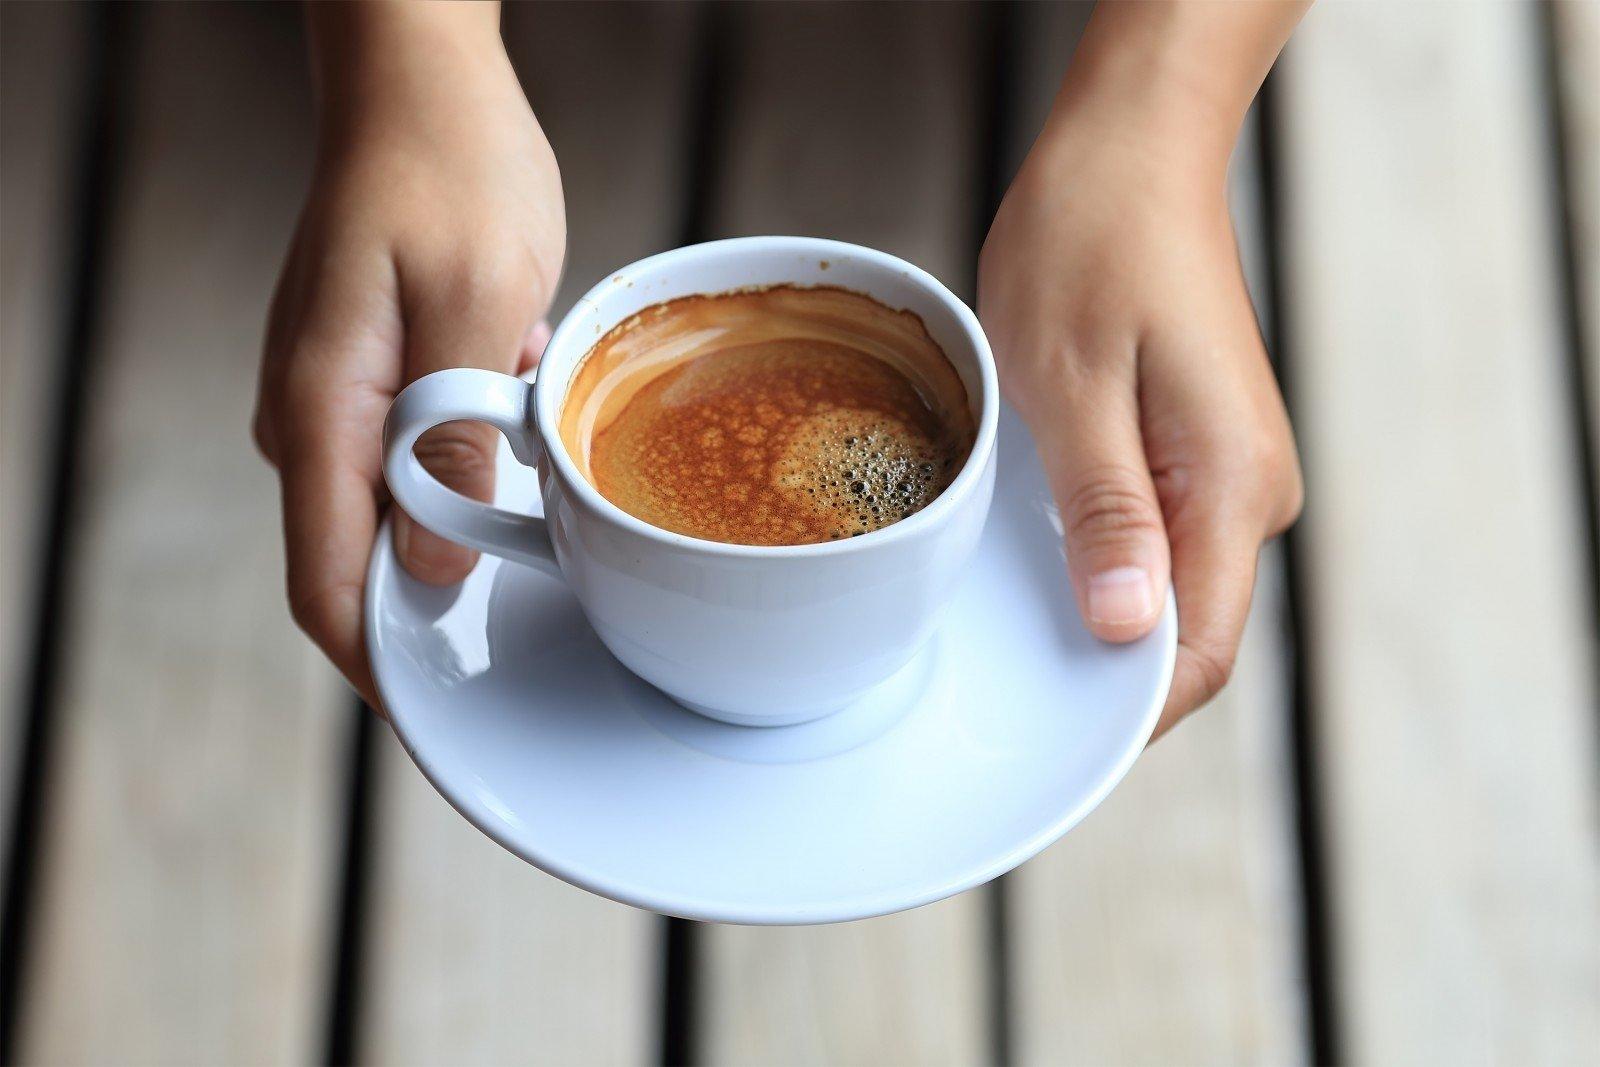 Daro juodą kavą svorio metimui Kava ir dieta: kuo tai susiję bei kaip ją naudoti teisingai